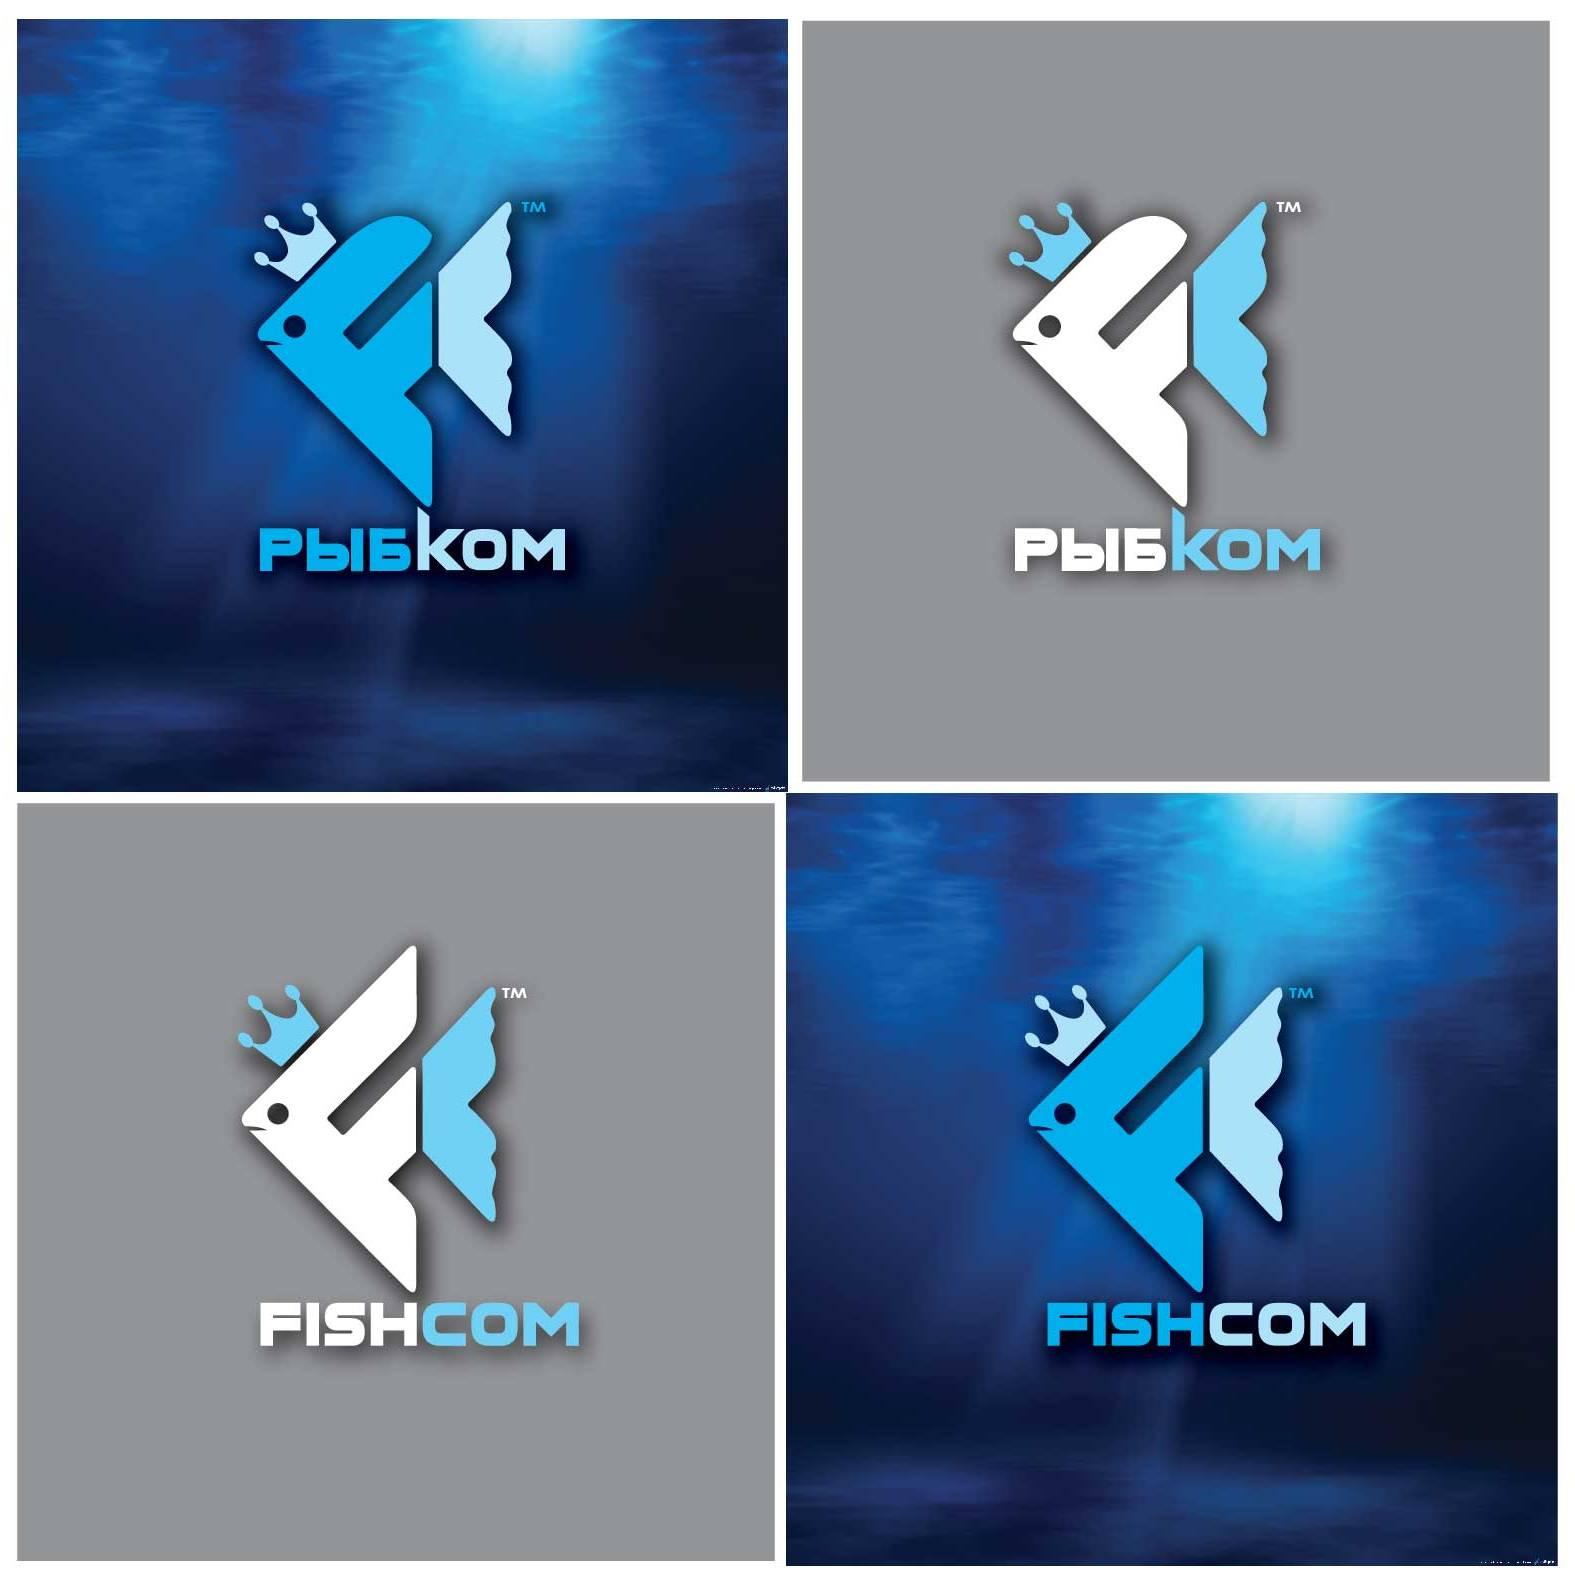 Создание логотипа и брэндбука для компании РЫБКОМ фото f_4585c1684ae2fe82.jpg